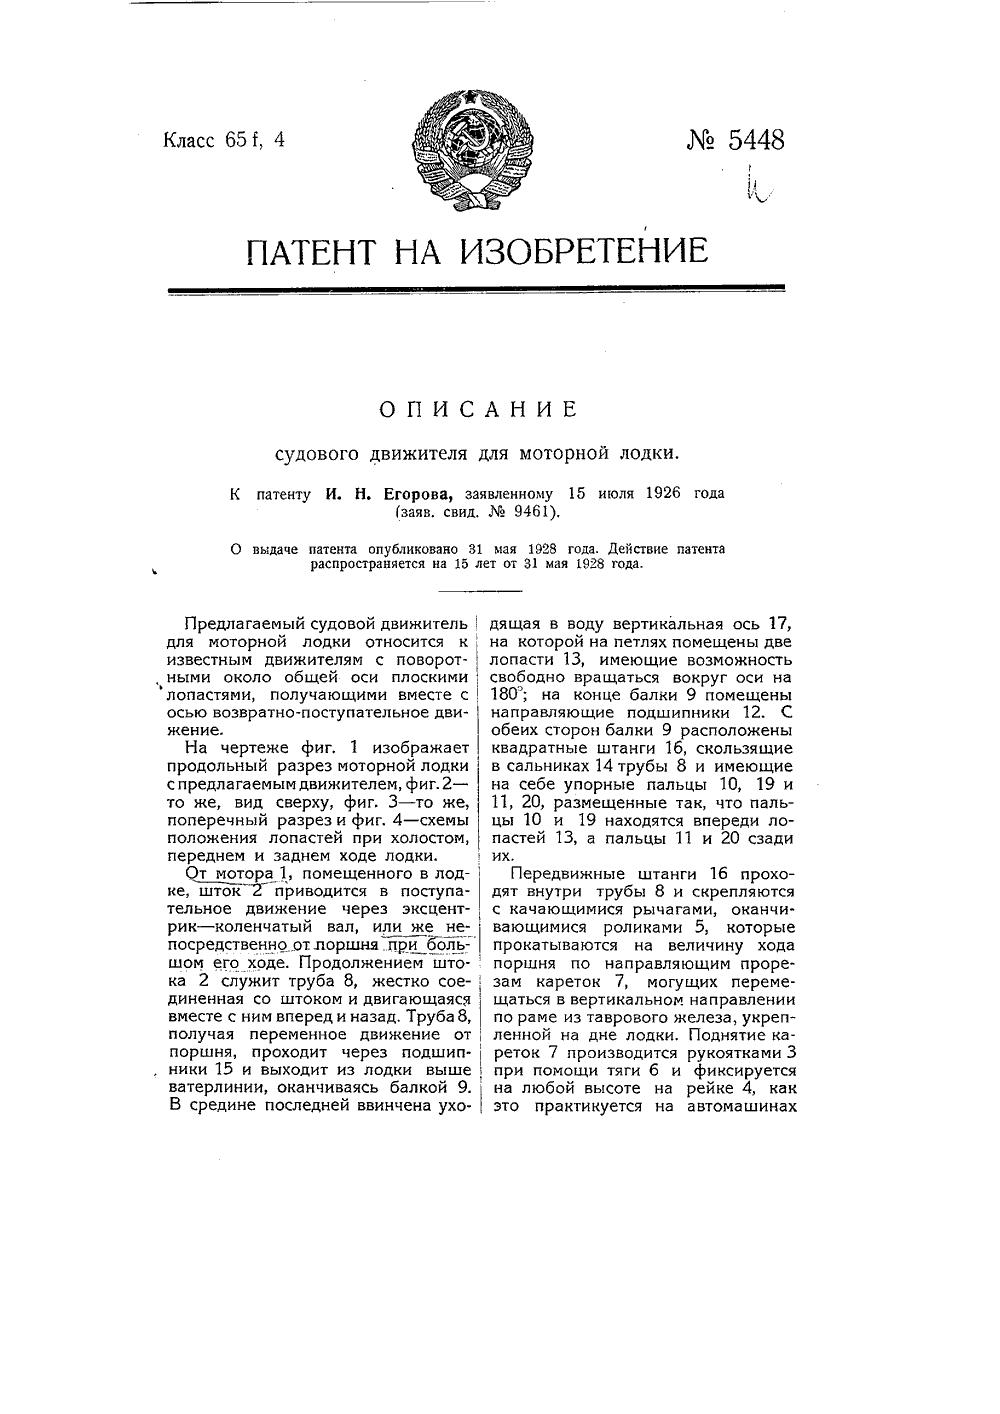 патент на изобретение на лодку